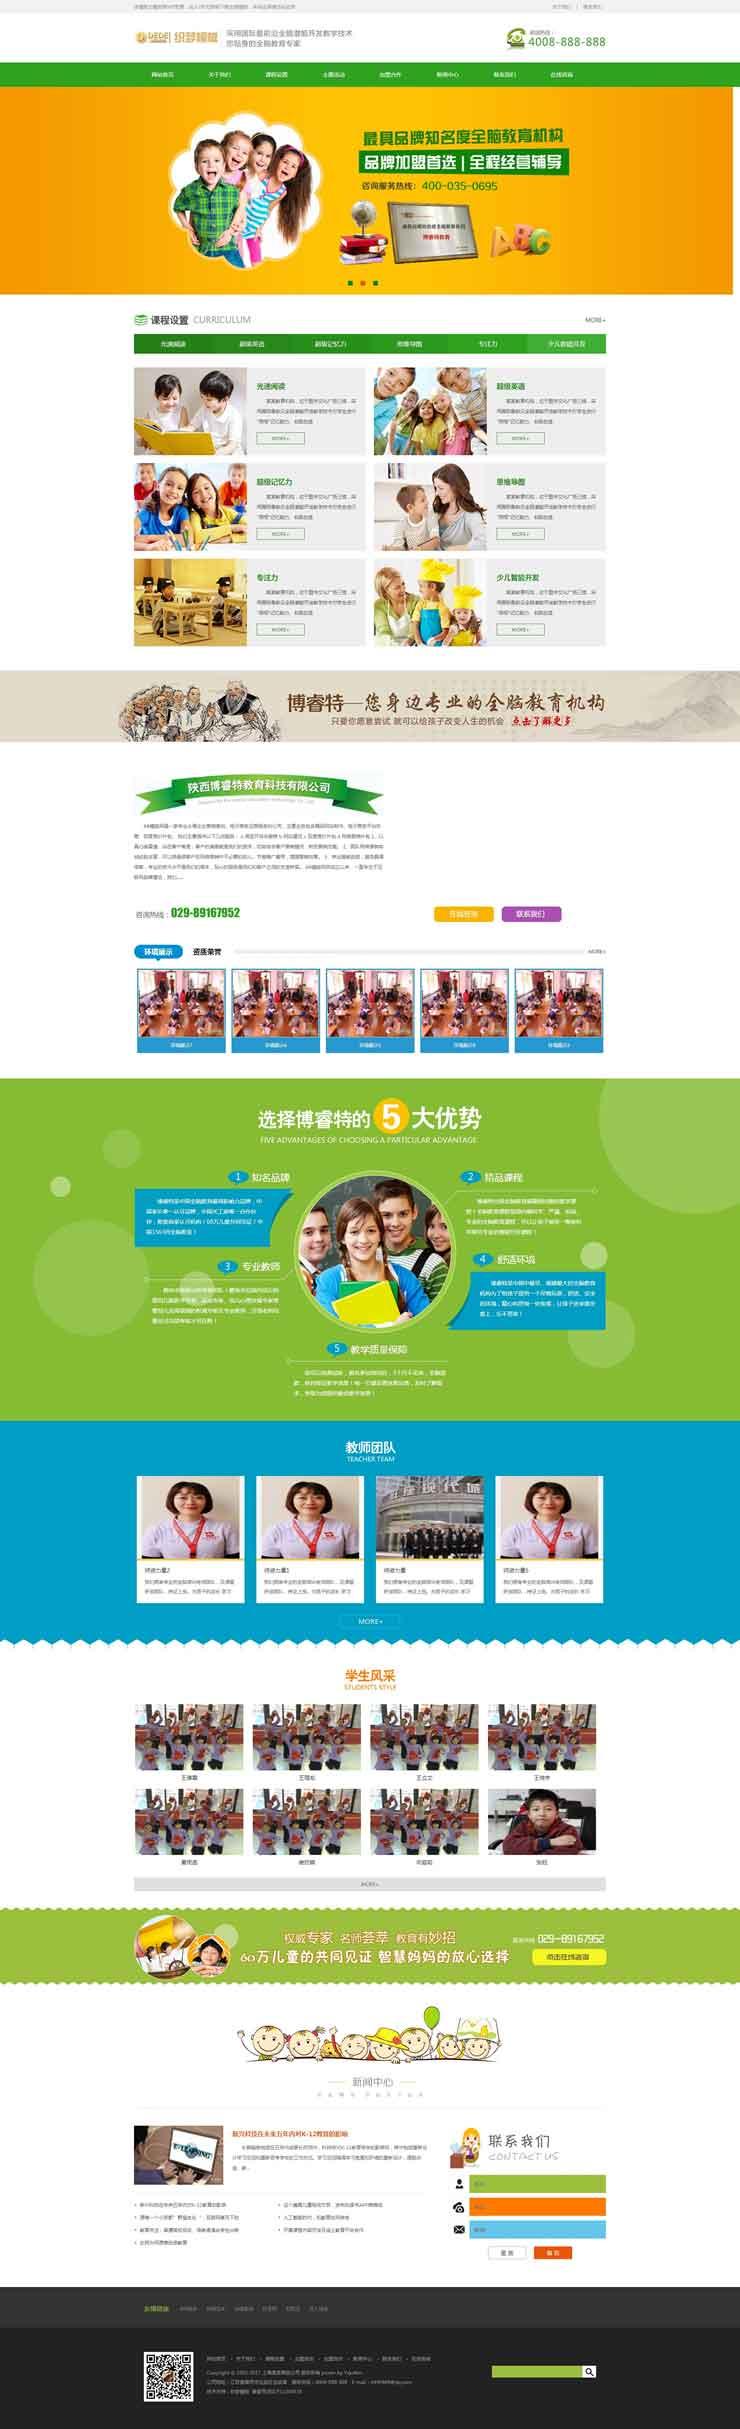 织梦教育模板幼儿早教培训教育dedecms教育类公司网站源码自动同步移动端